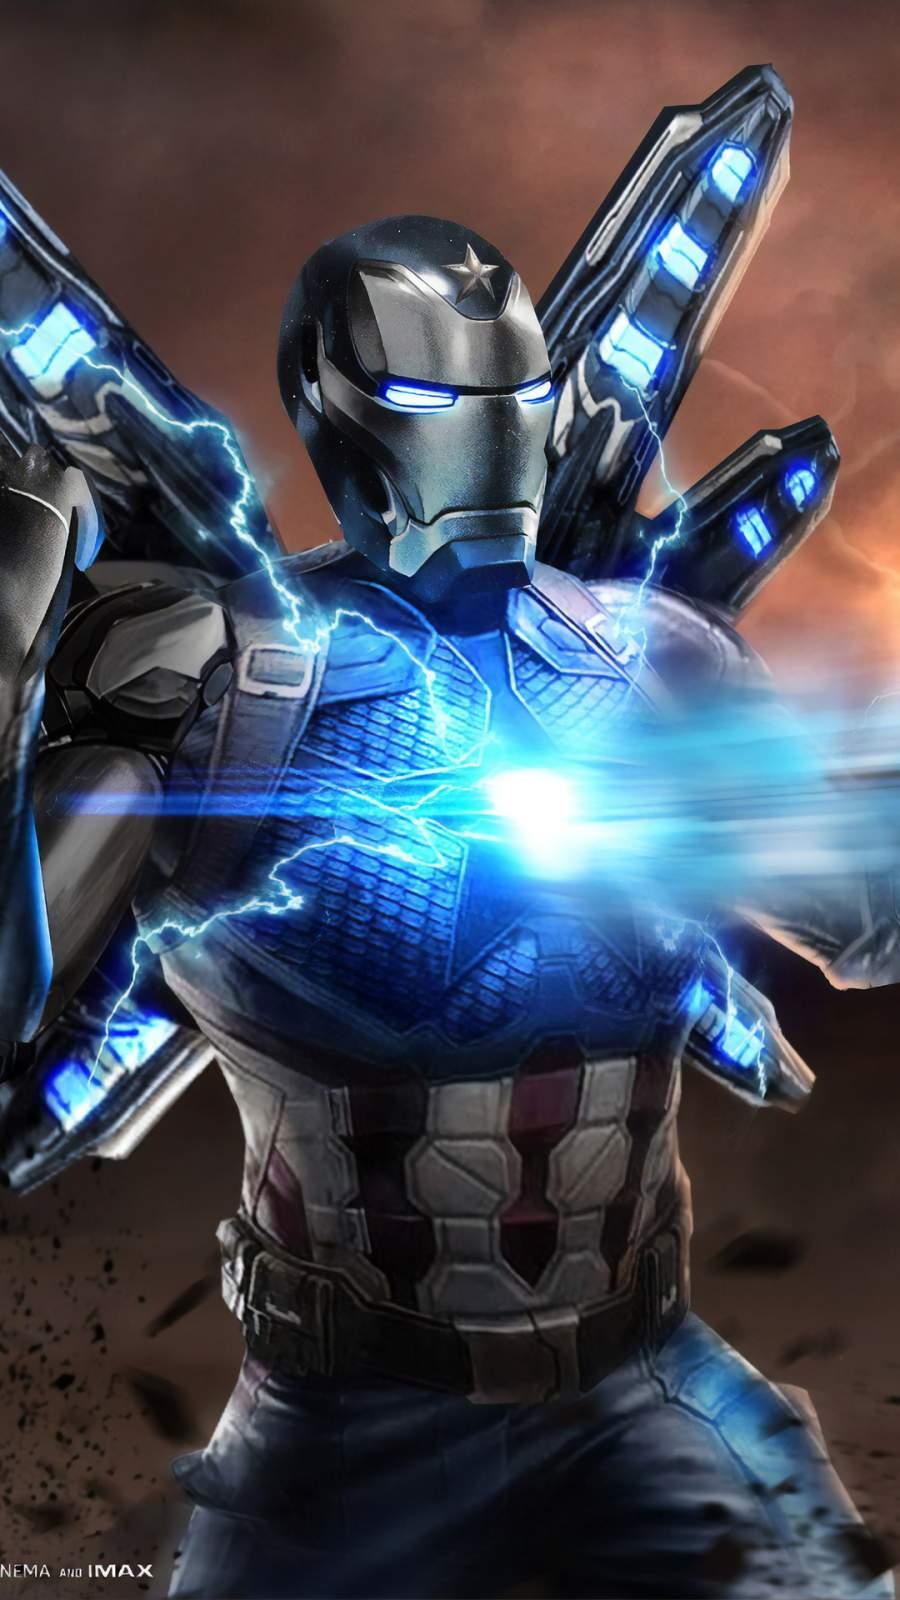 Iron Captain America Suit iPhone Wallpaper